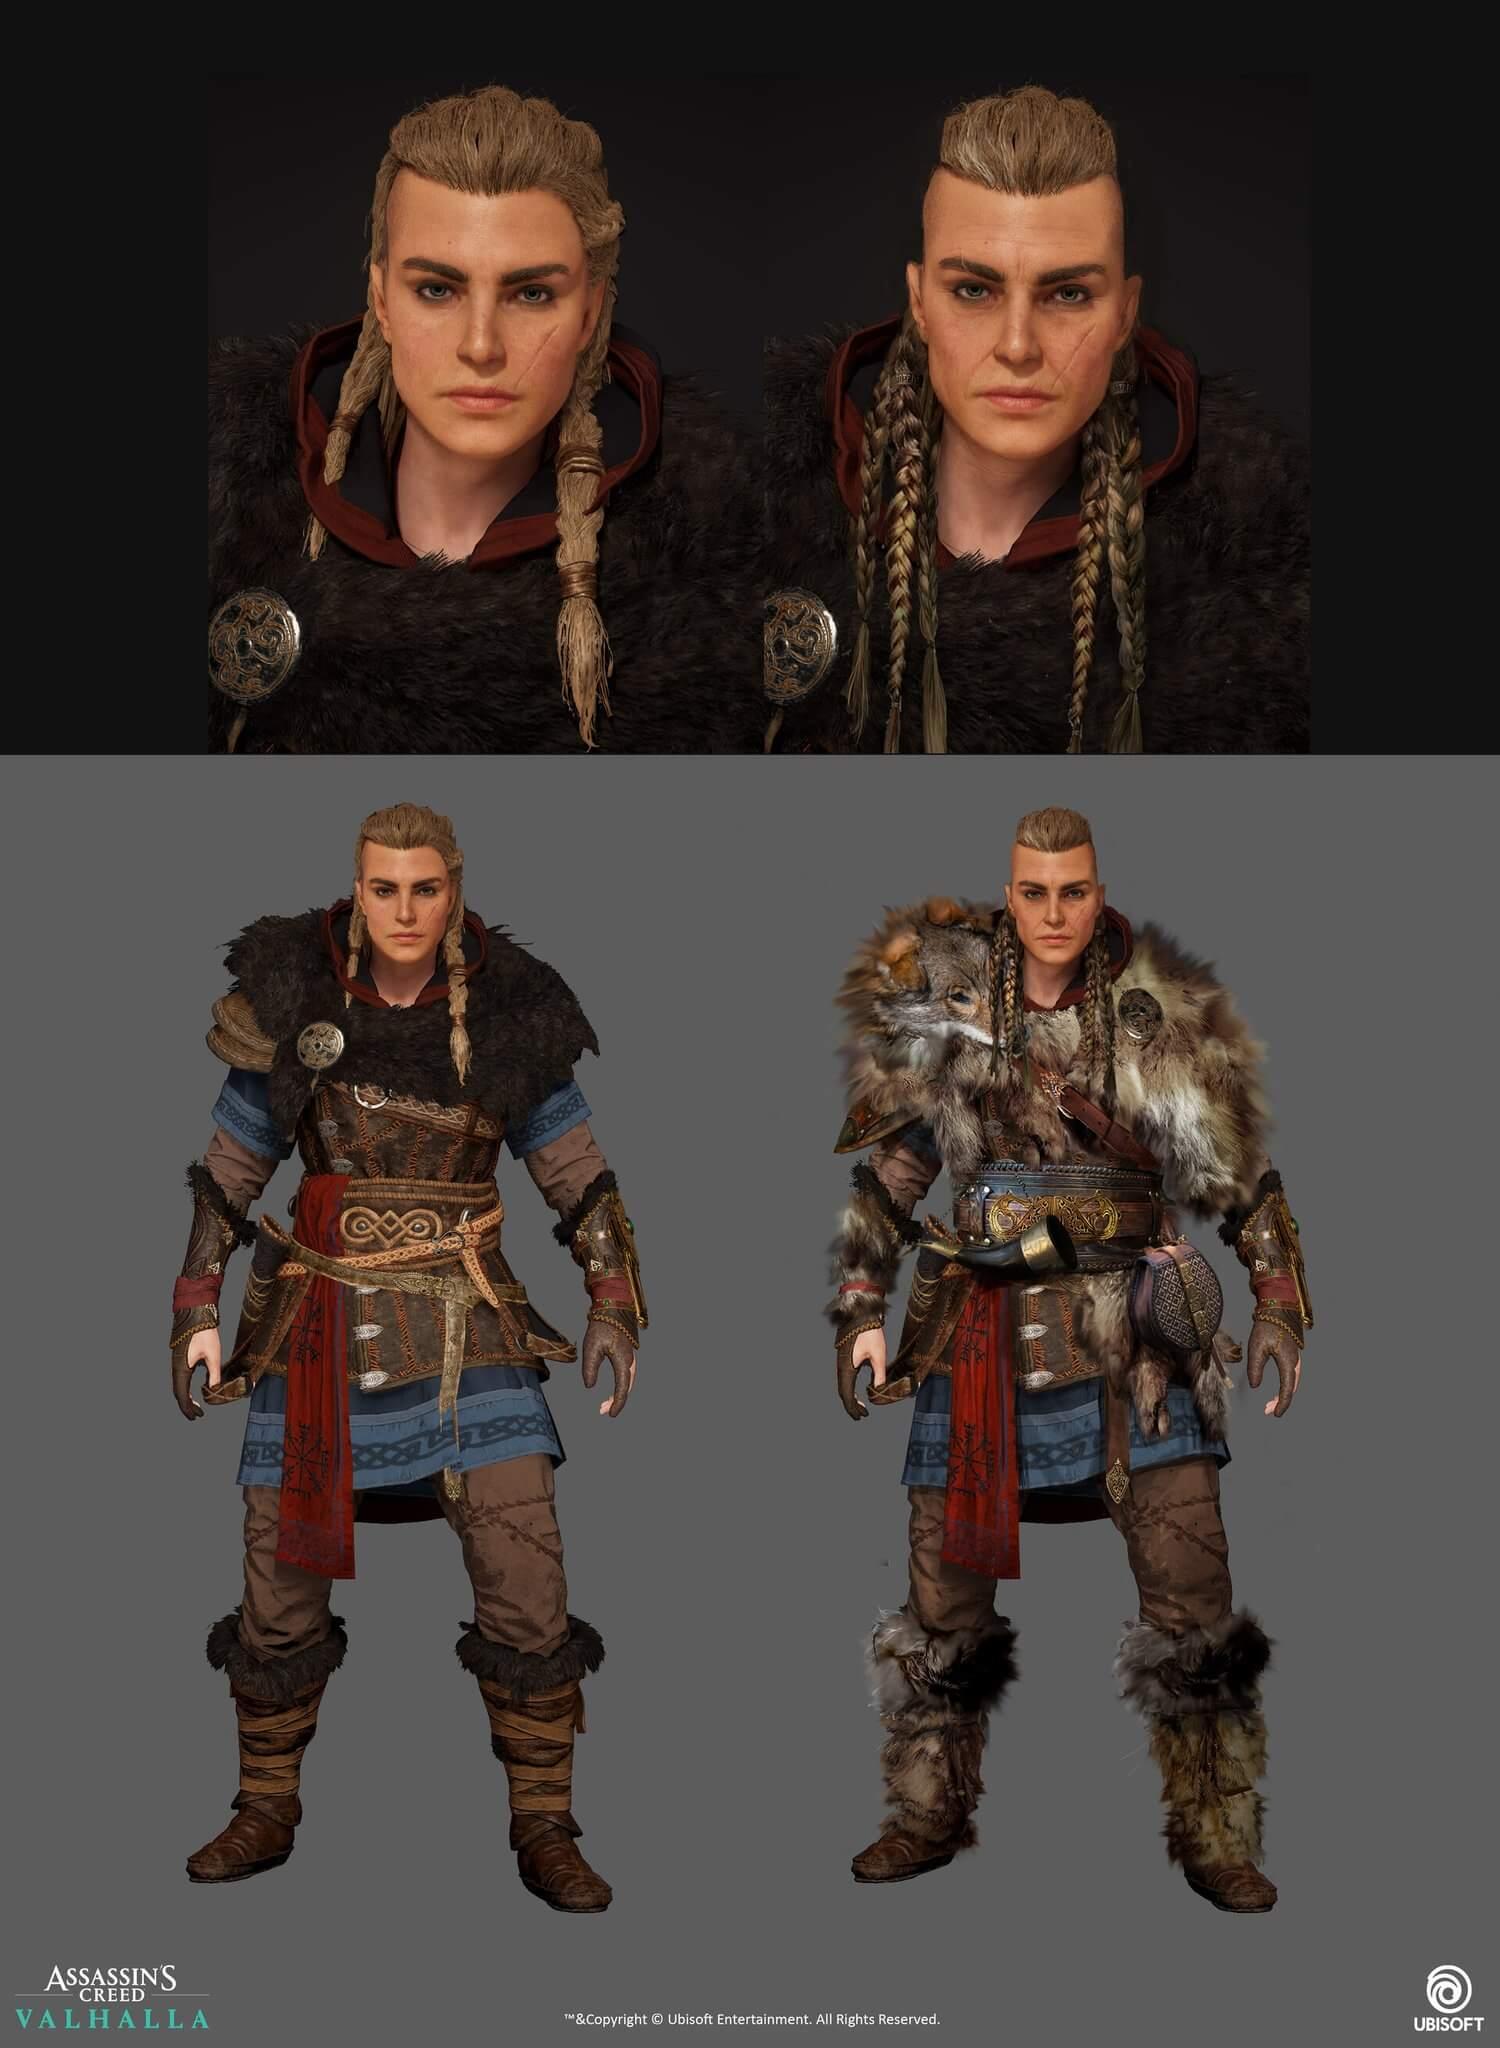 Eivor envejenciendo con el paso del tiempo en las próximas expansiones de Assassin's Creed Valhalla